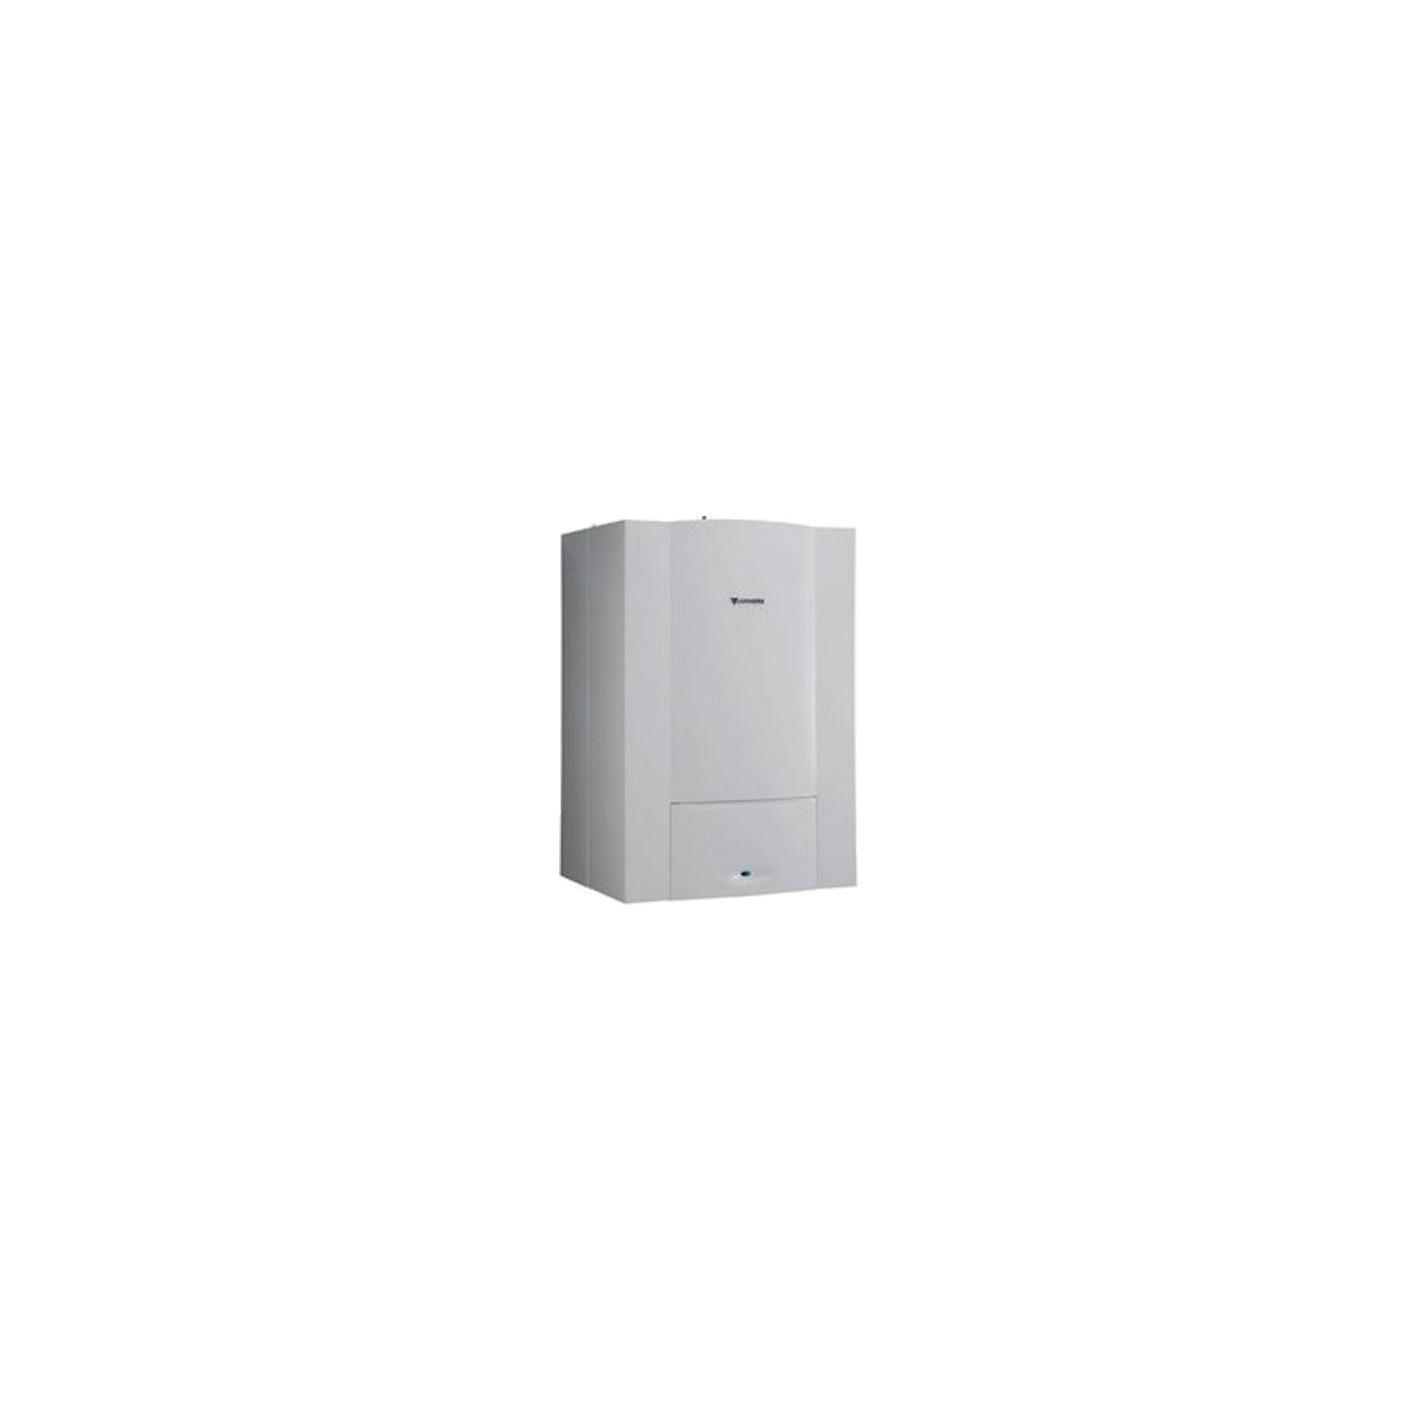 Caldera junkers cerapuracu smart zwsb 24 30 4 e precio - Caldera condensacion junkers ...